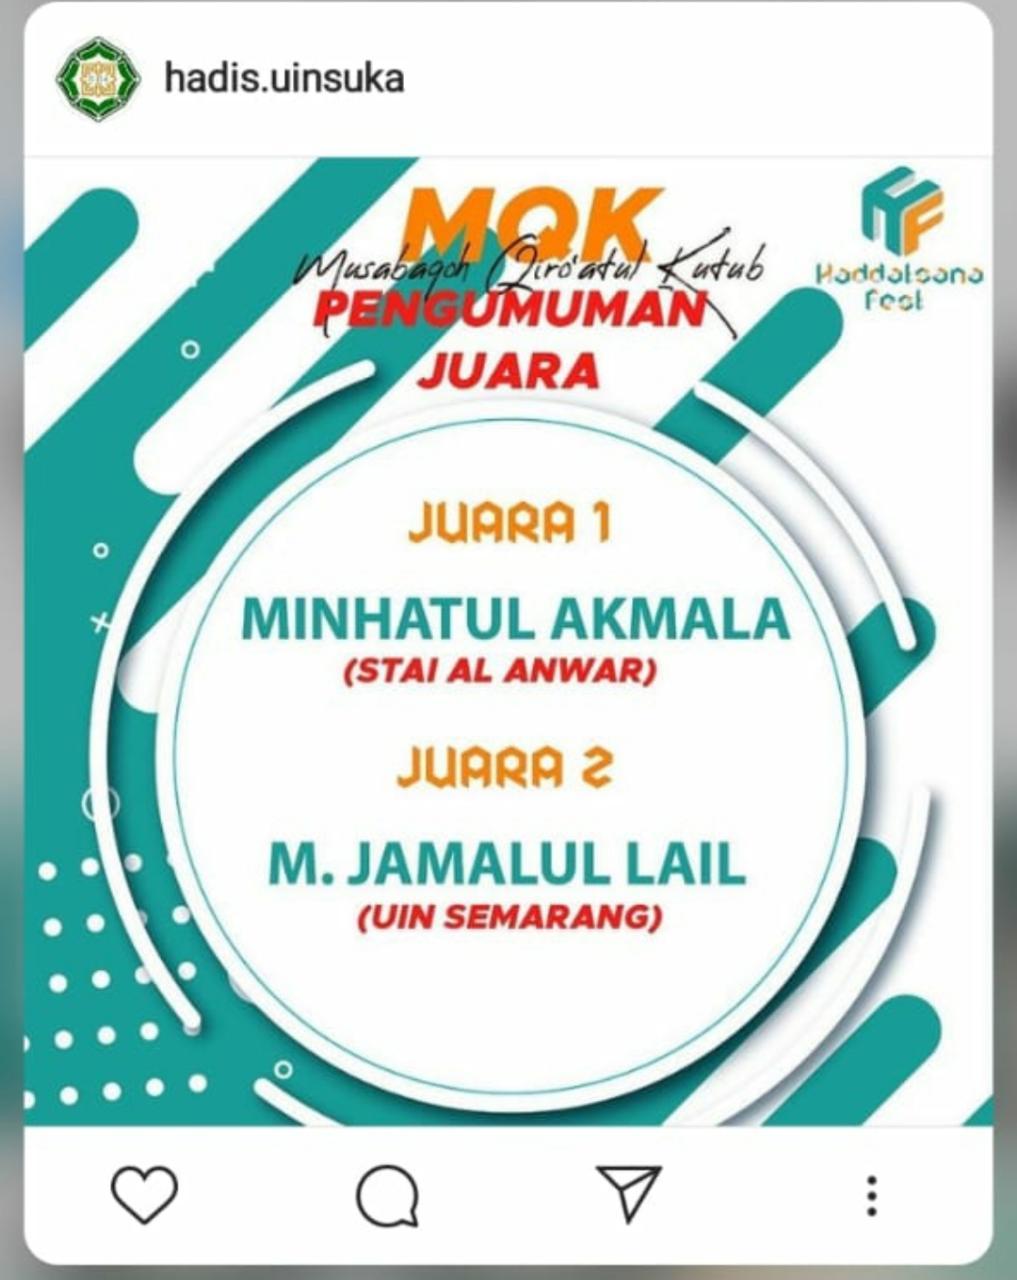 Juara 1 MQK Pekan Raya IAT UIN Sunan Kalijaga Yogyakarta